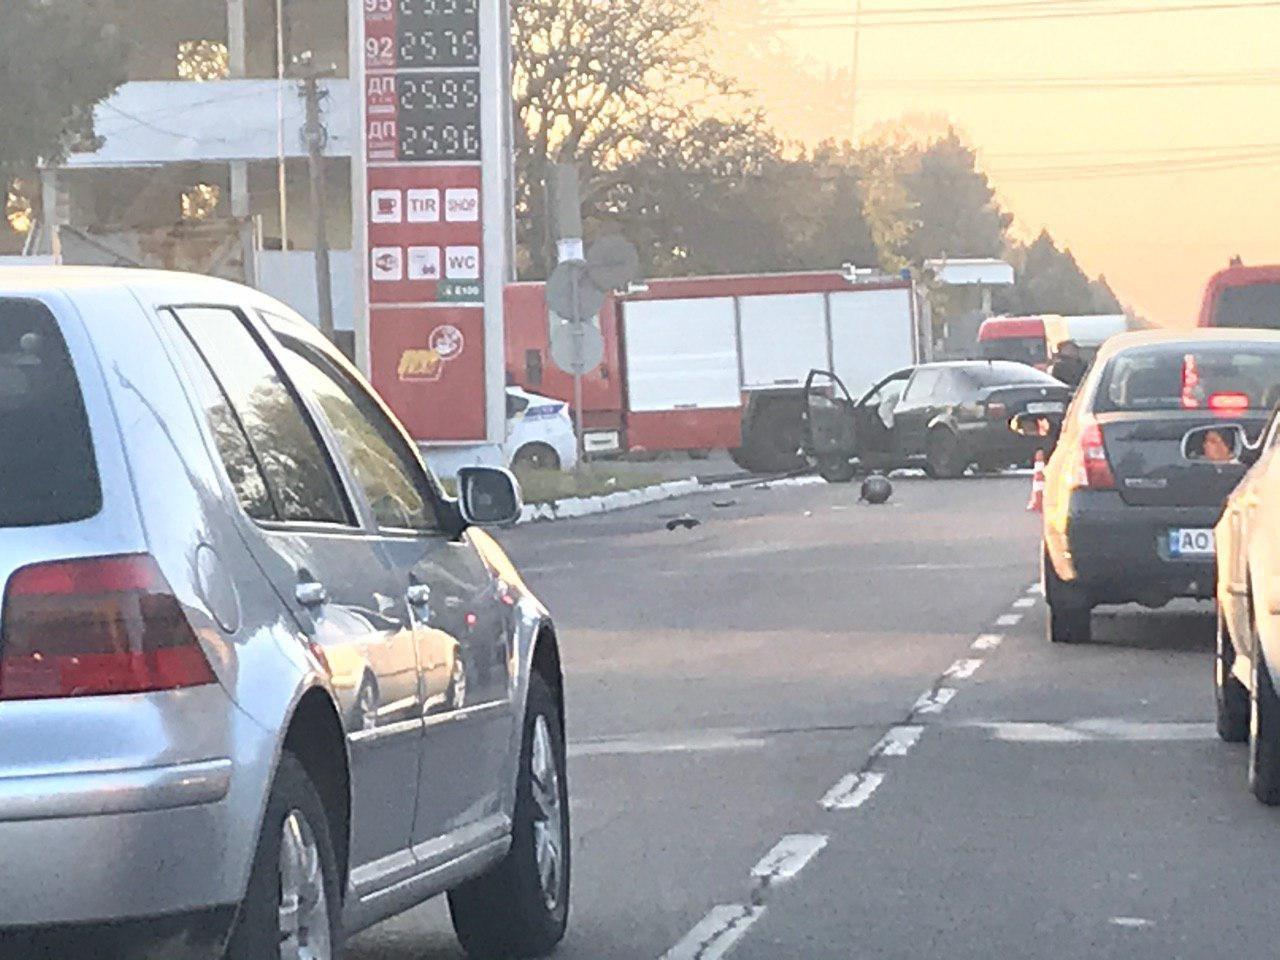 ДТП на Закарпатті: Мотоцикл зіштовхнувся зі Skoda, один із транспортних засобів спалахнув (ФОТО), фото-1